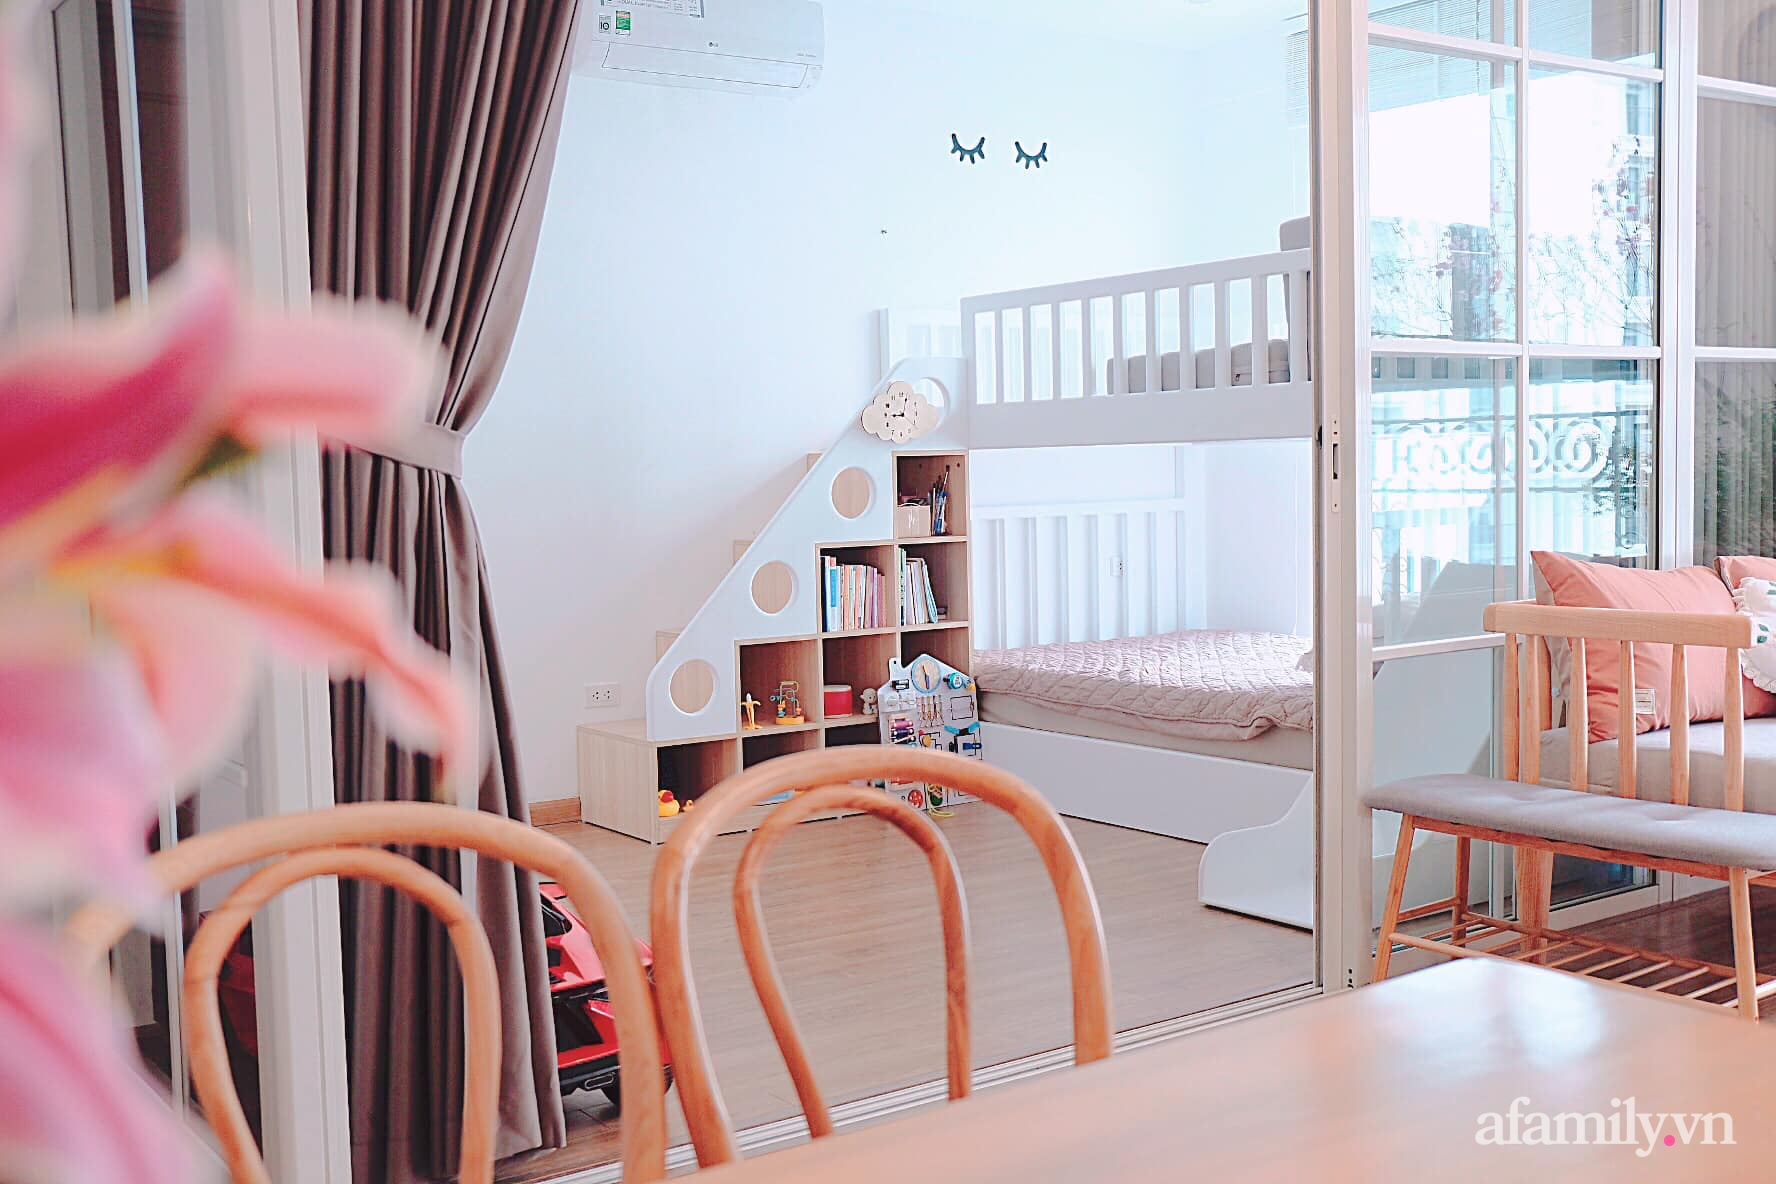 Căn hộ 78m² đẹp tinh tế và tiện dụng với phong cách tối giản của cặp vợ chồng trẻ ở Hà Nội - Ảnh 11.